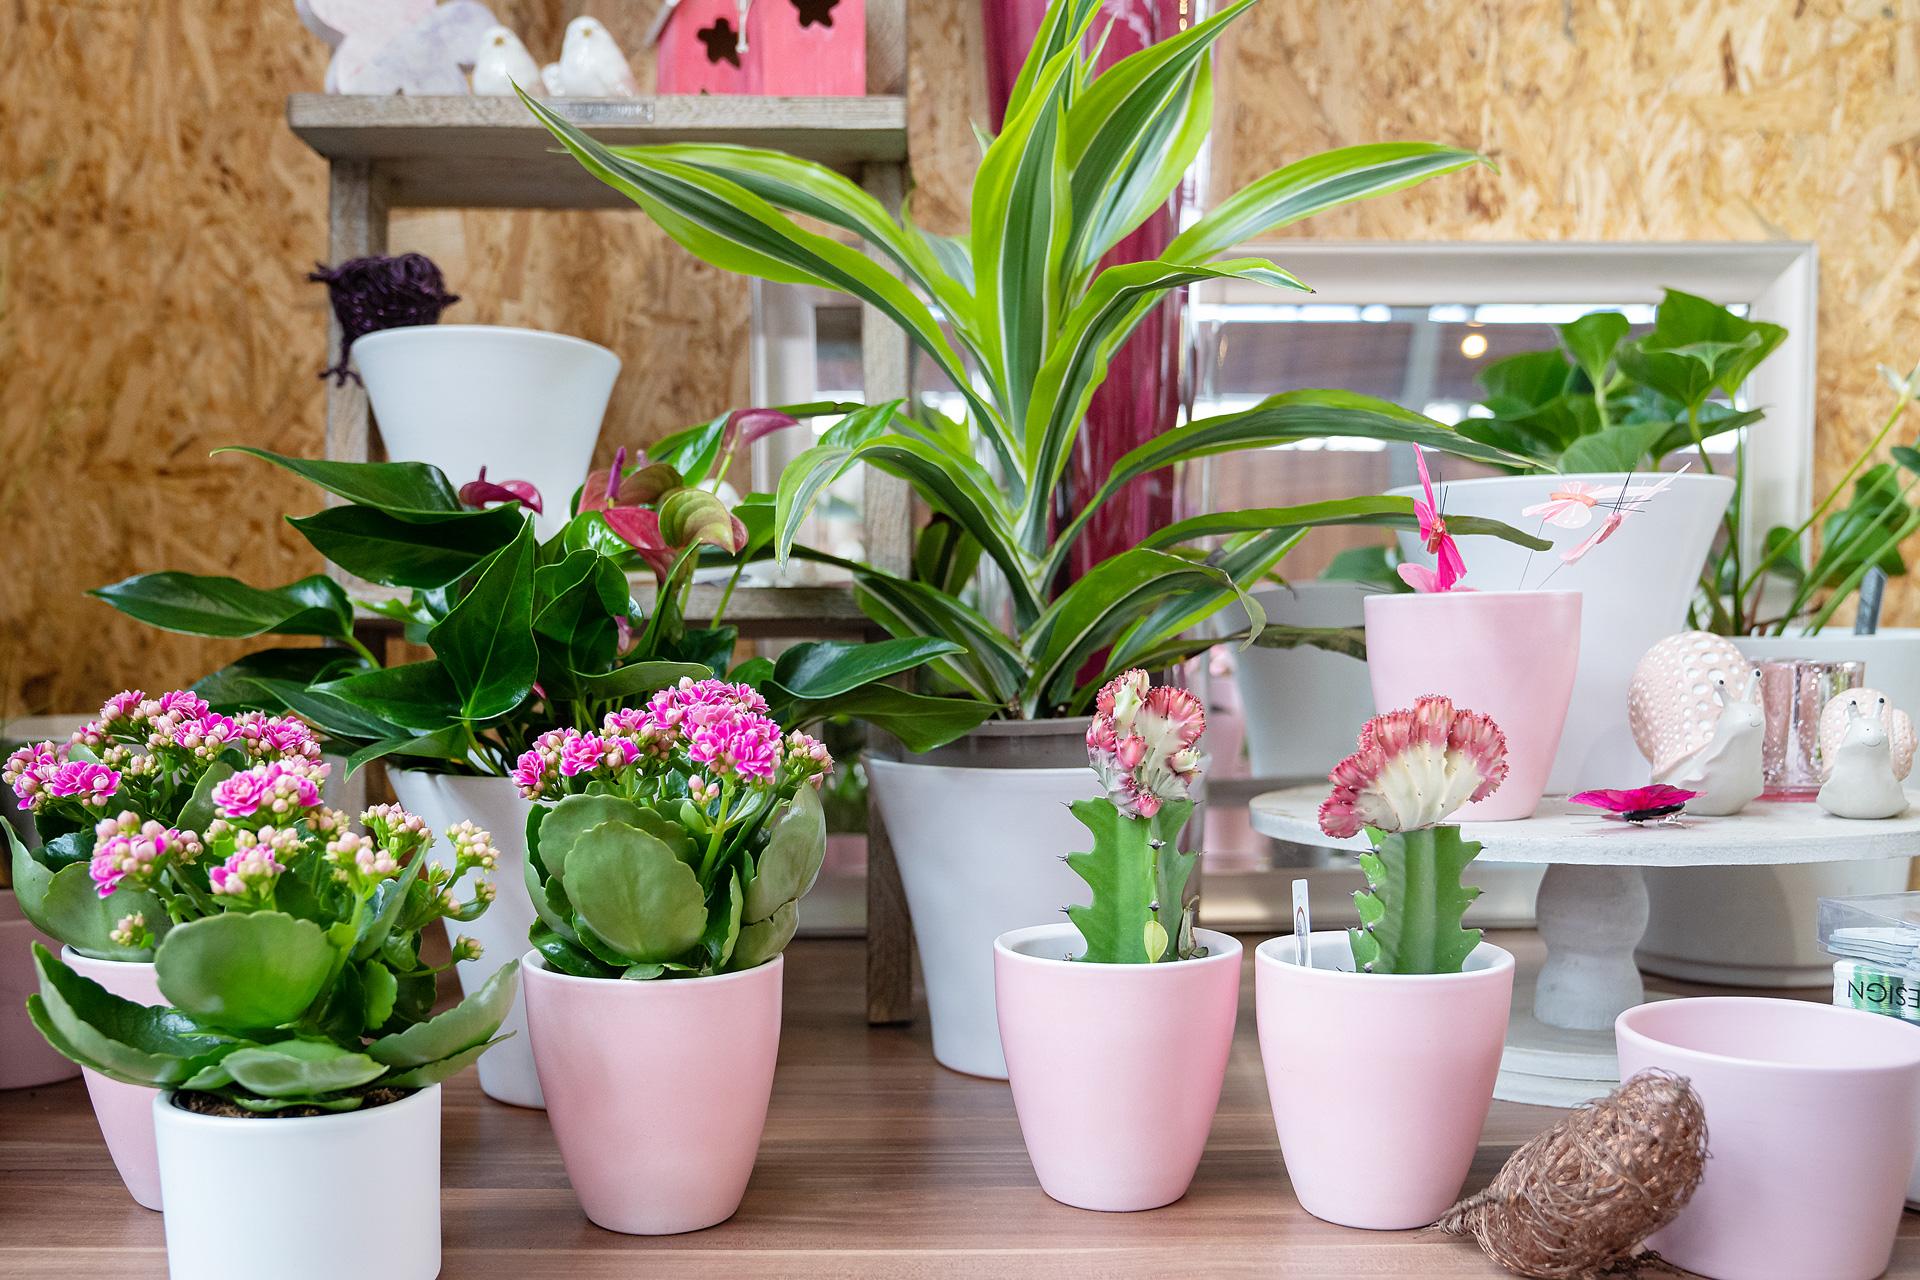 Dekoideen Zimmerpflanzen mit und ohne Blüte